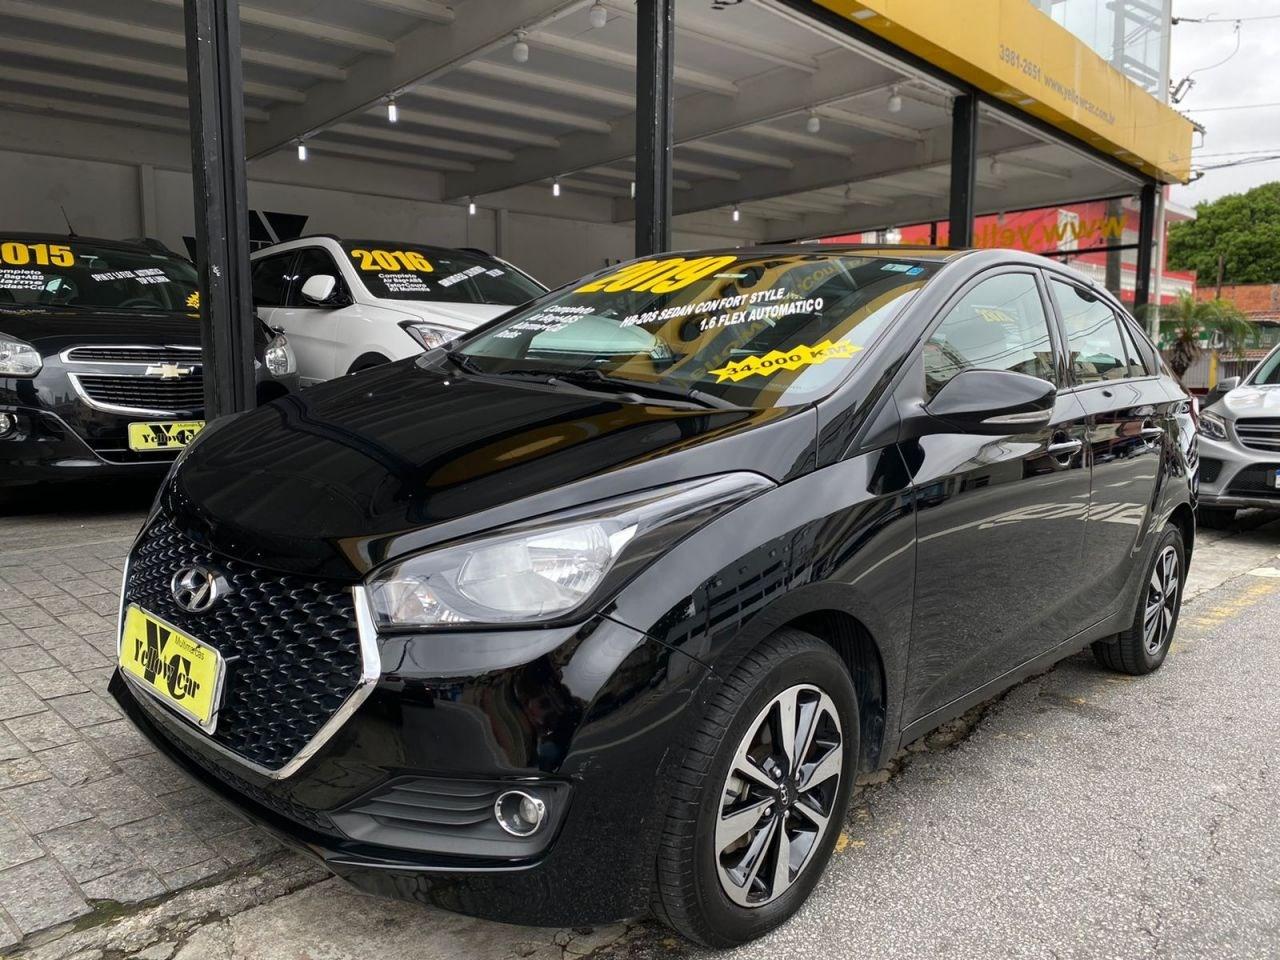 //www.autoline.com.br/carro/hyundai/hb20s-16-style-16v-flex-4p-automatico/2019/sao-paulo-sp/15827762